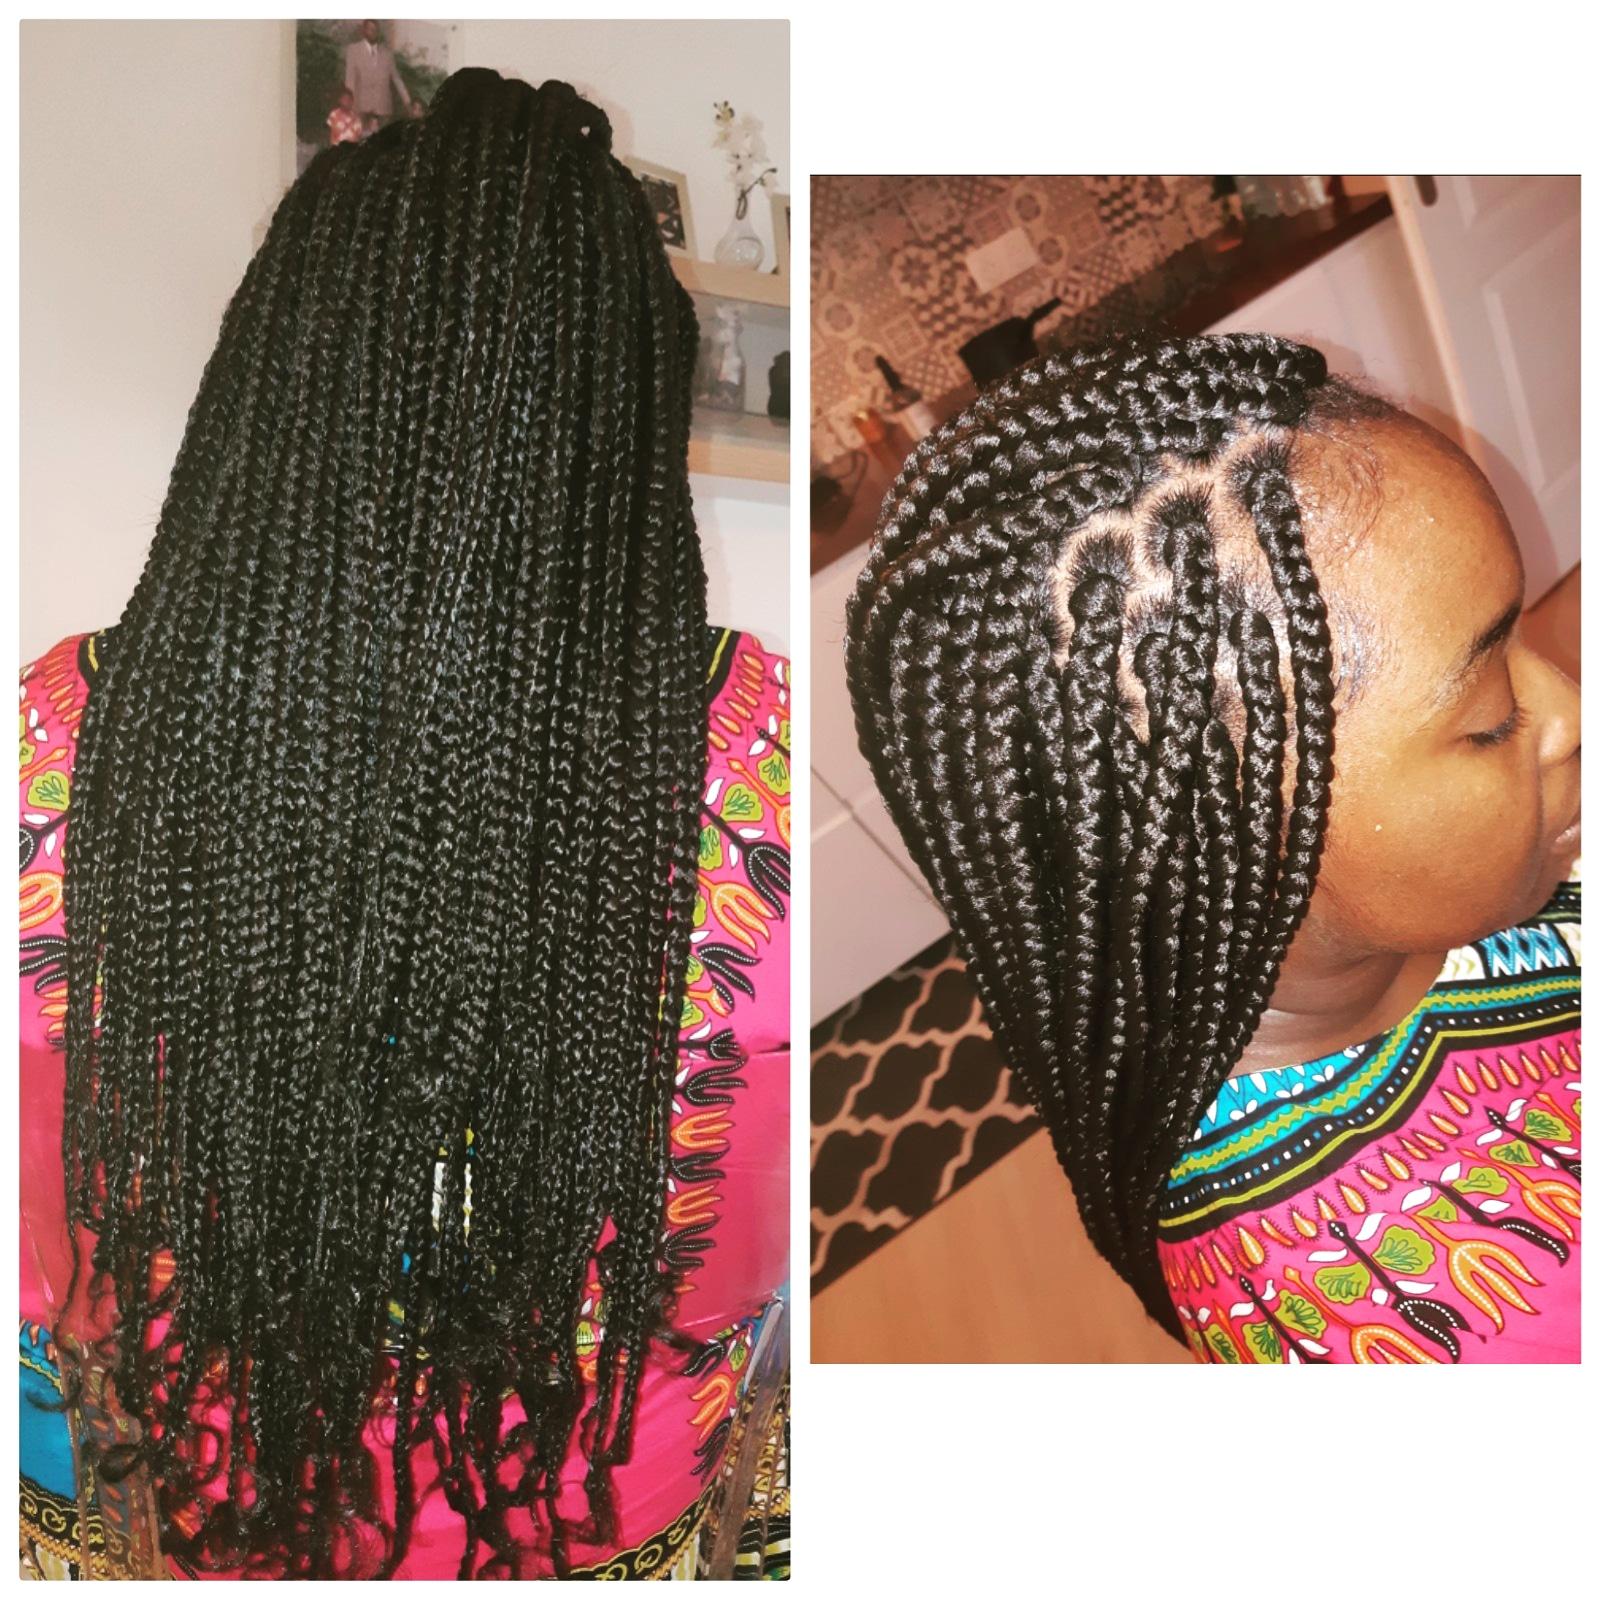 salon de coiffure afro tresse tresses box braids crochet braids vanilles tissages paris 75 77 78 91 92 93 94 95 RQBMGKLS